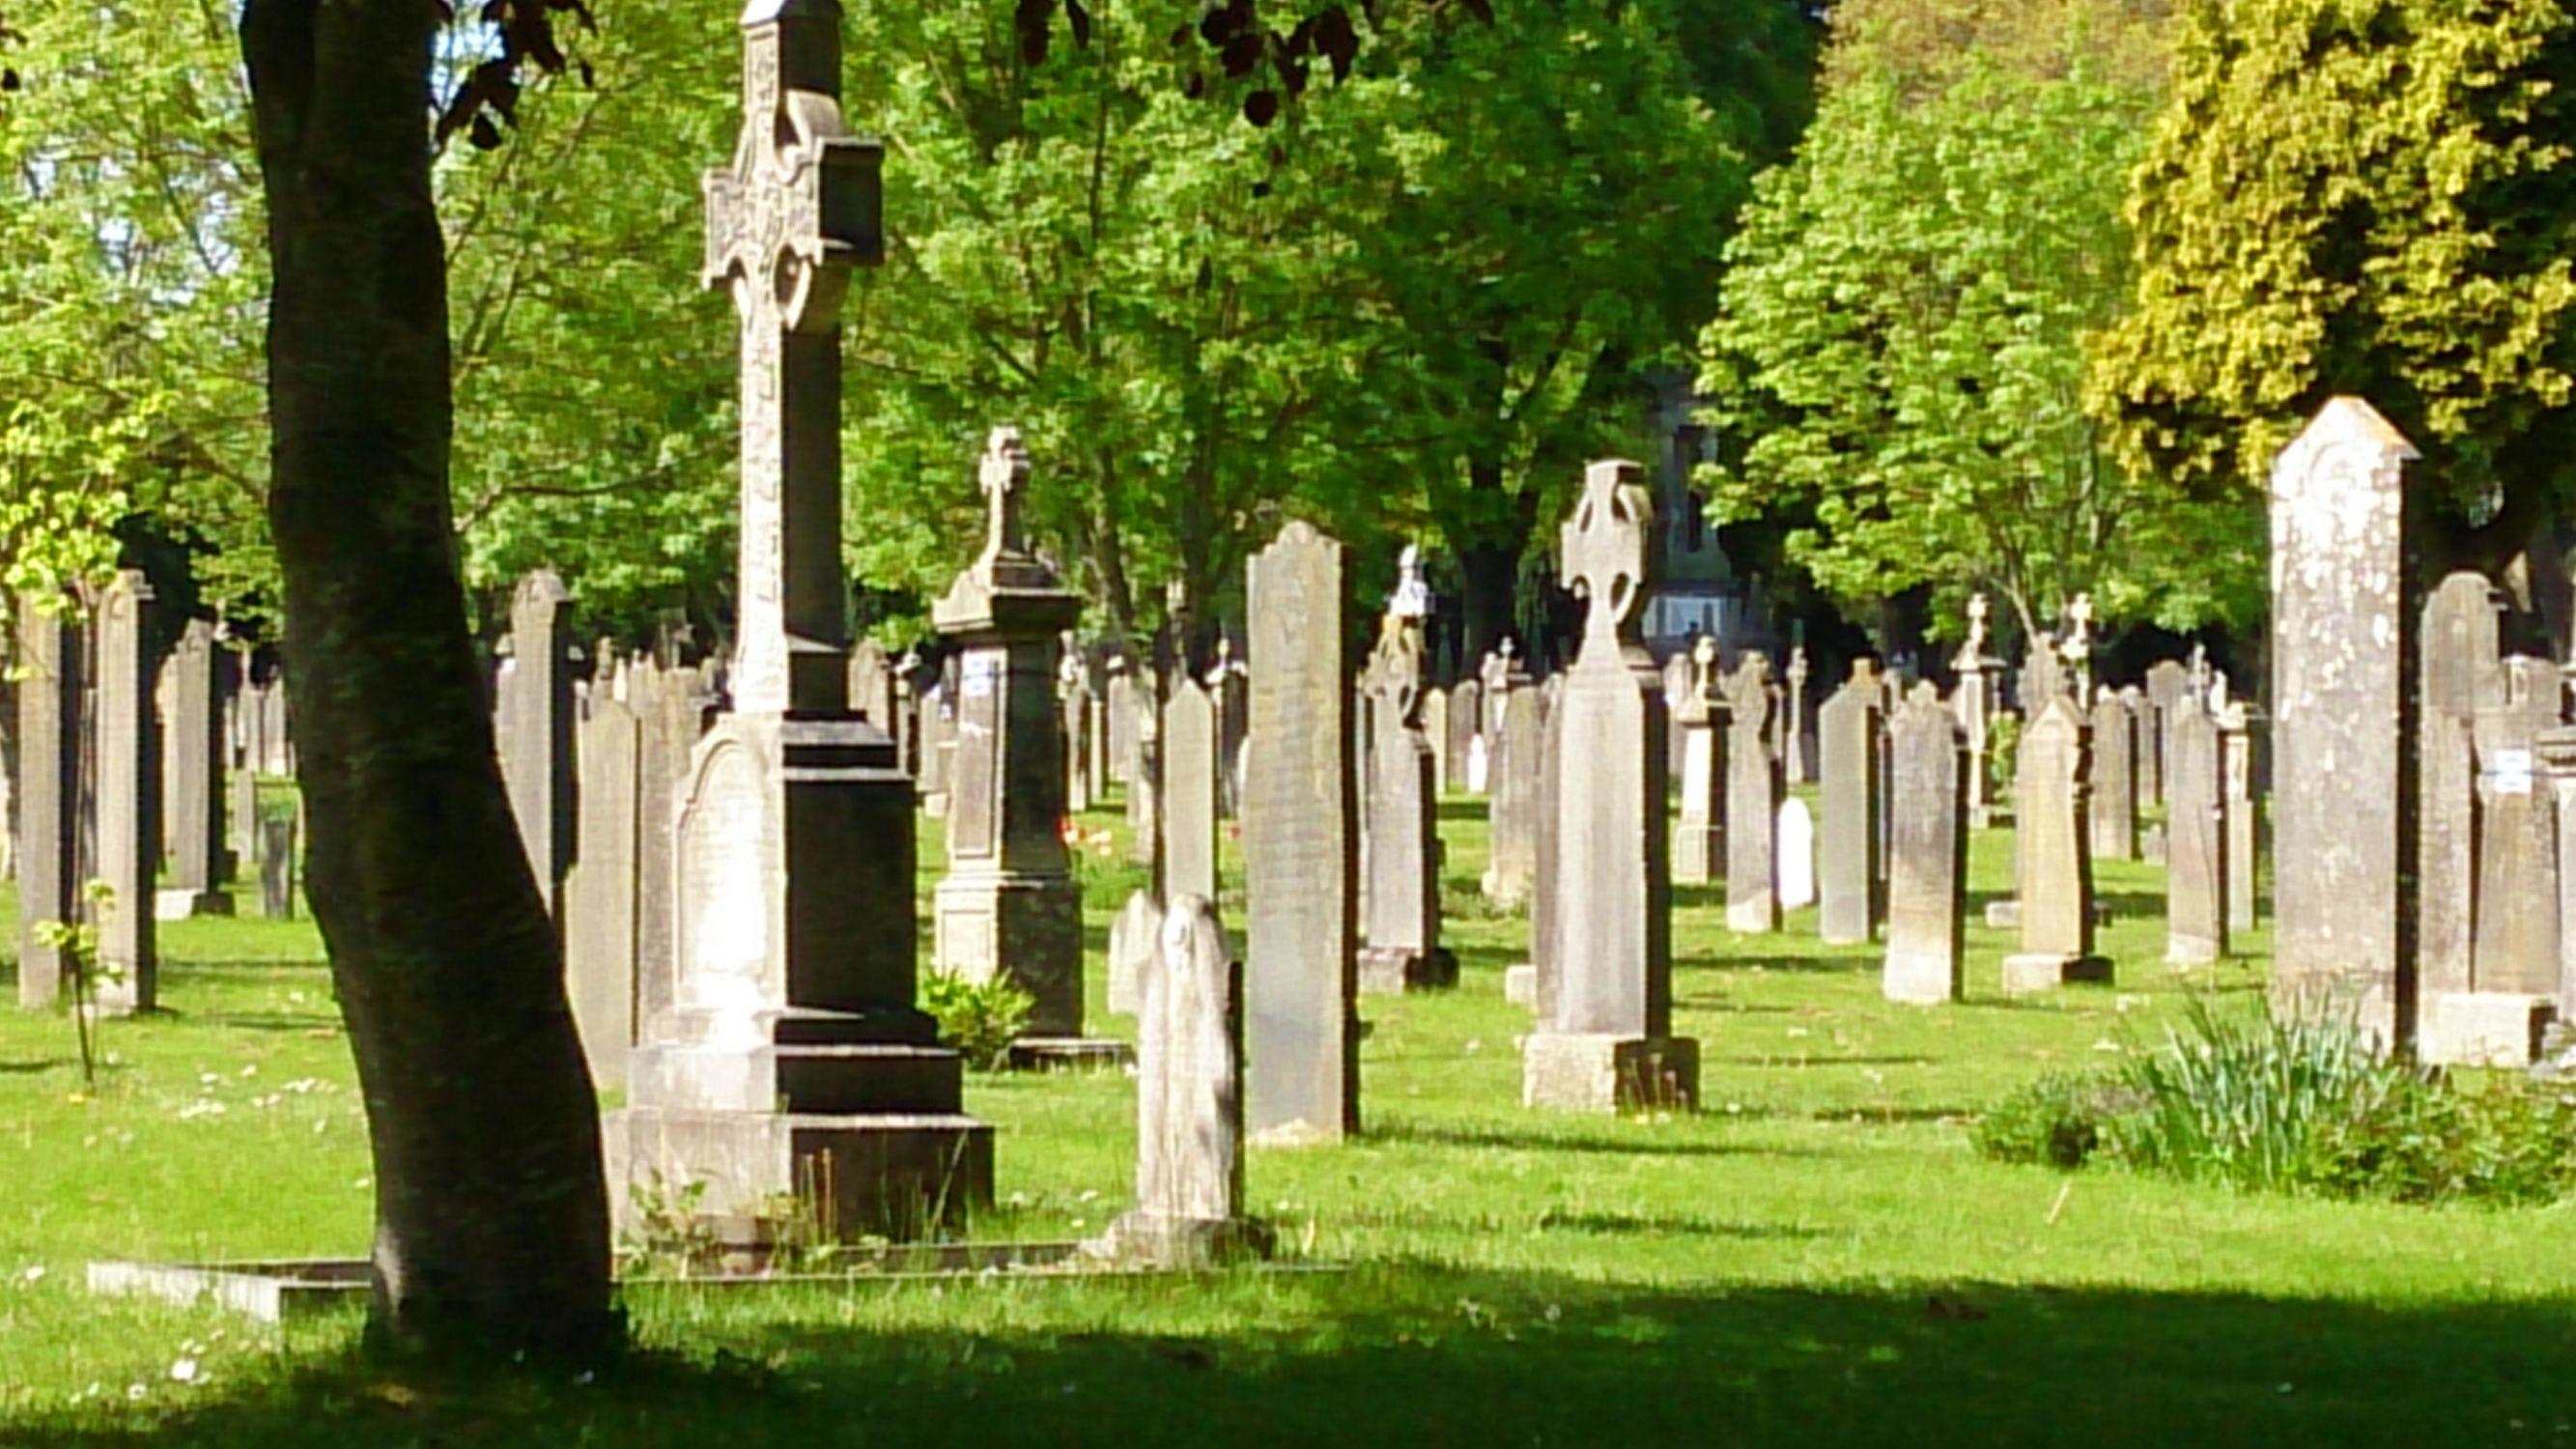 Bild mit Reisen, Friedhof, Dublin, Friedhöfe, Gräber, Grabsteine, Grabstein